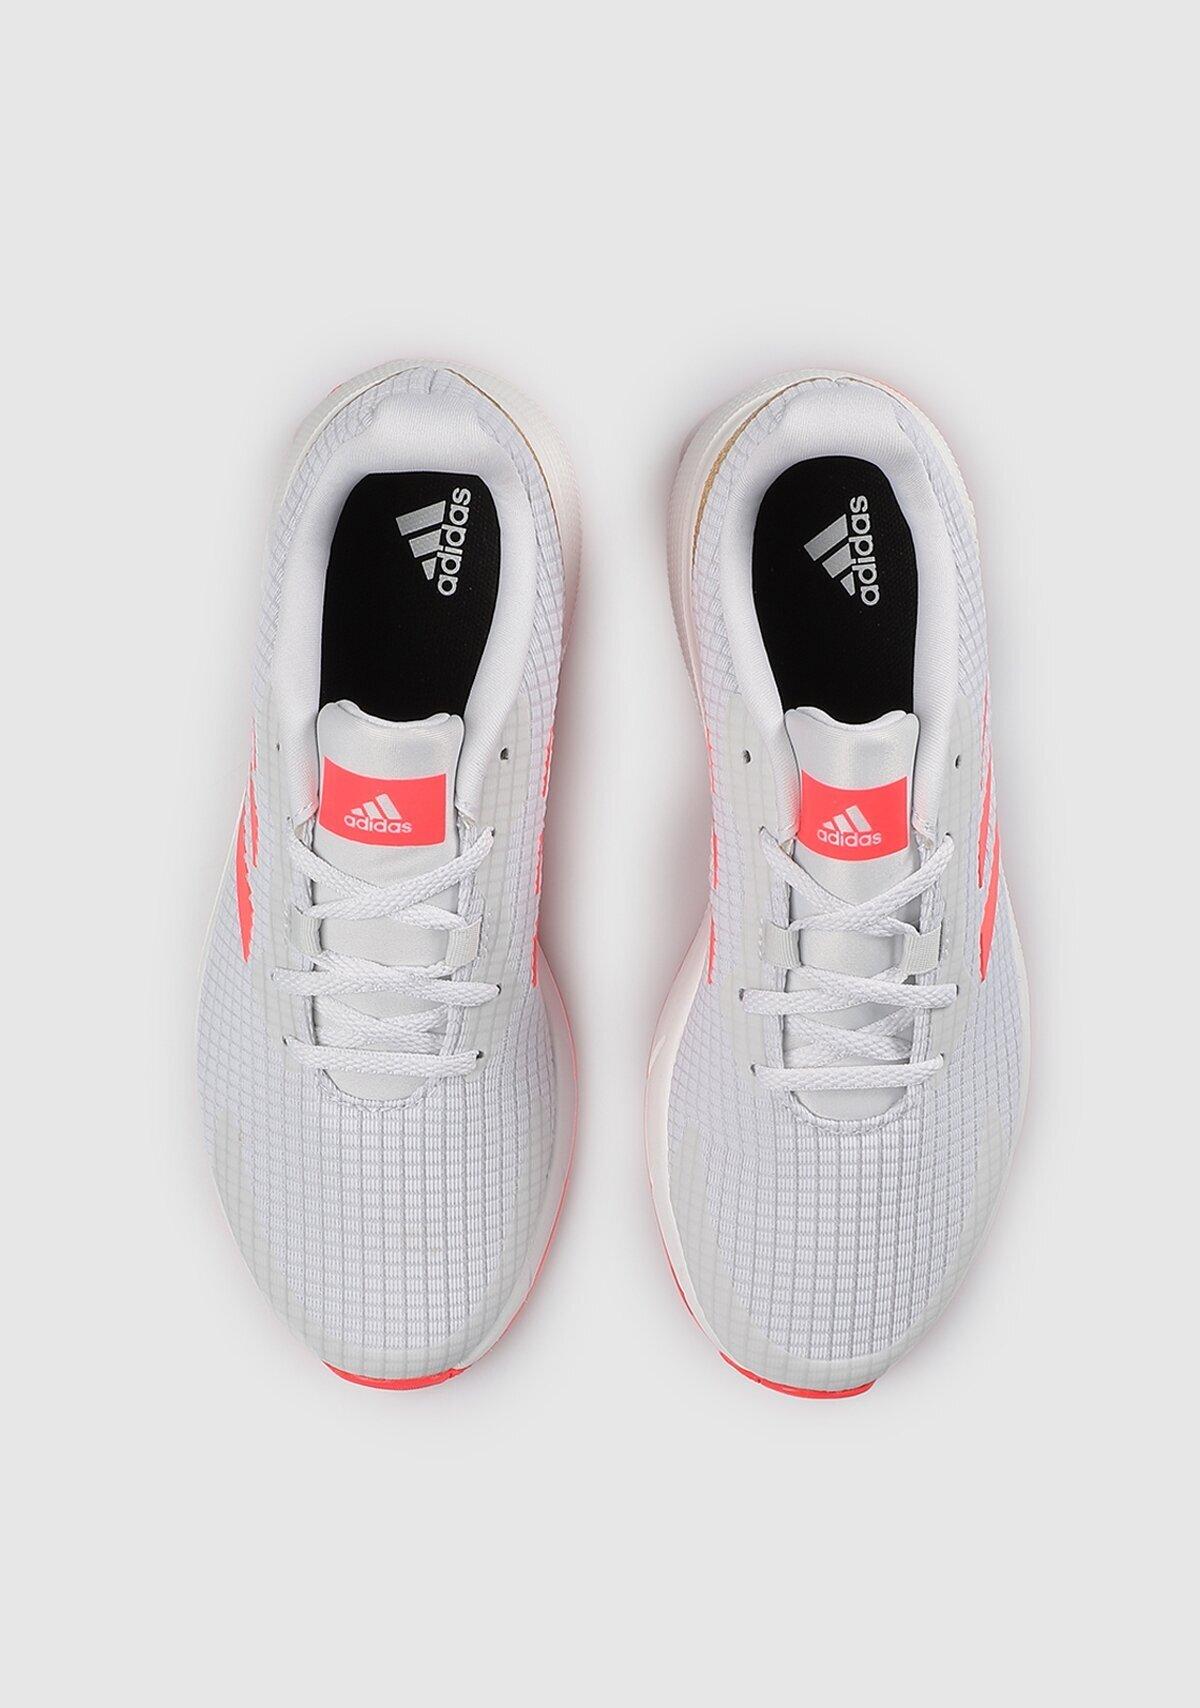 resm Sooraj Beyaz Kadın Koşu Ayakkabısı Fw9549